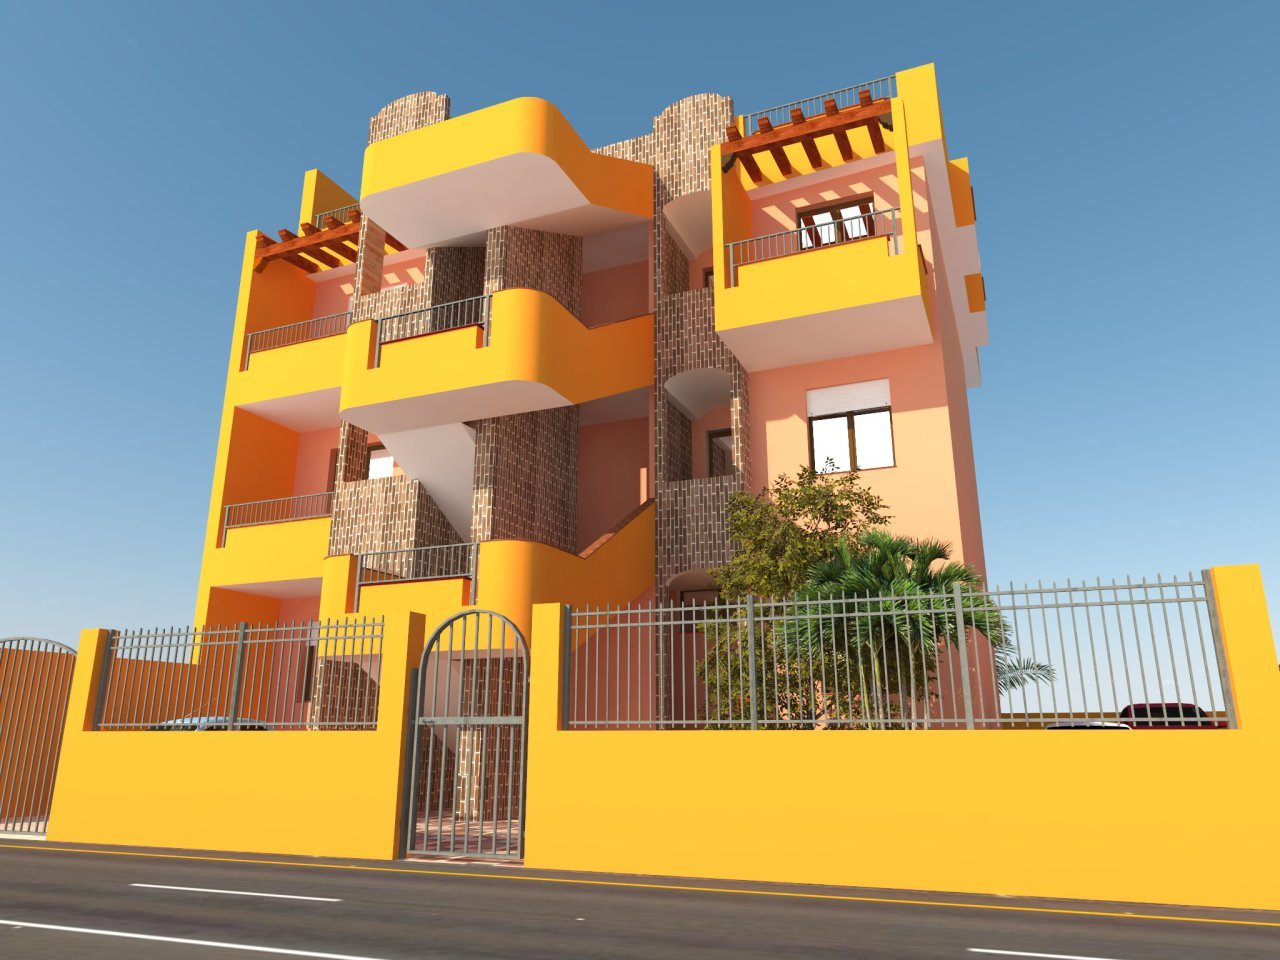 Appartamento in vendita a Decimomannu, 4 locali, prezzo € 150.000 | Cambio Casa.it